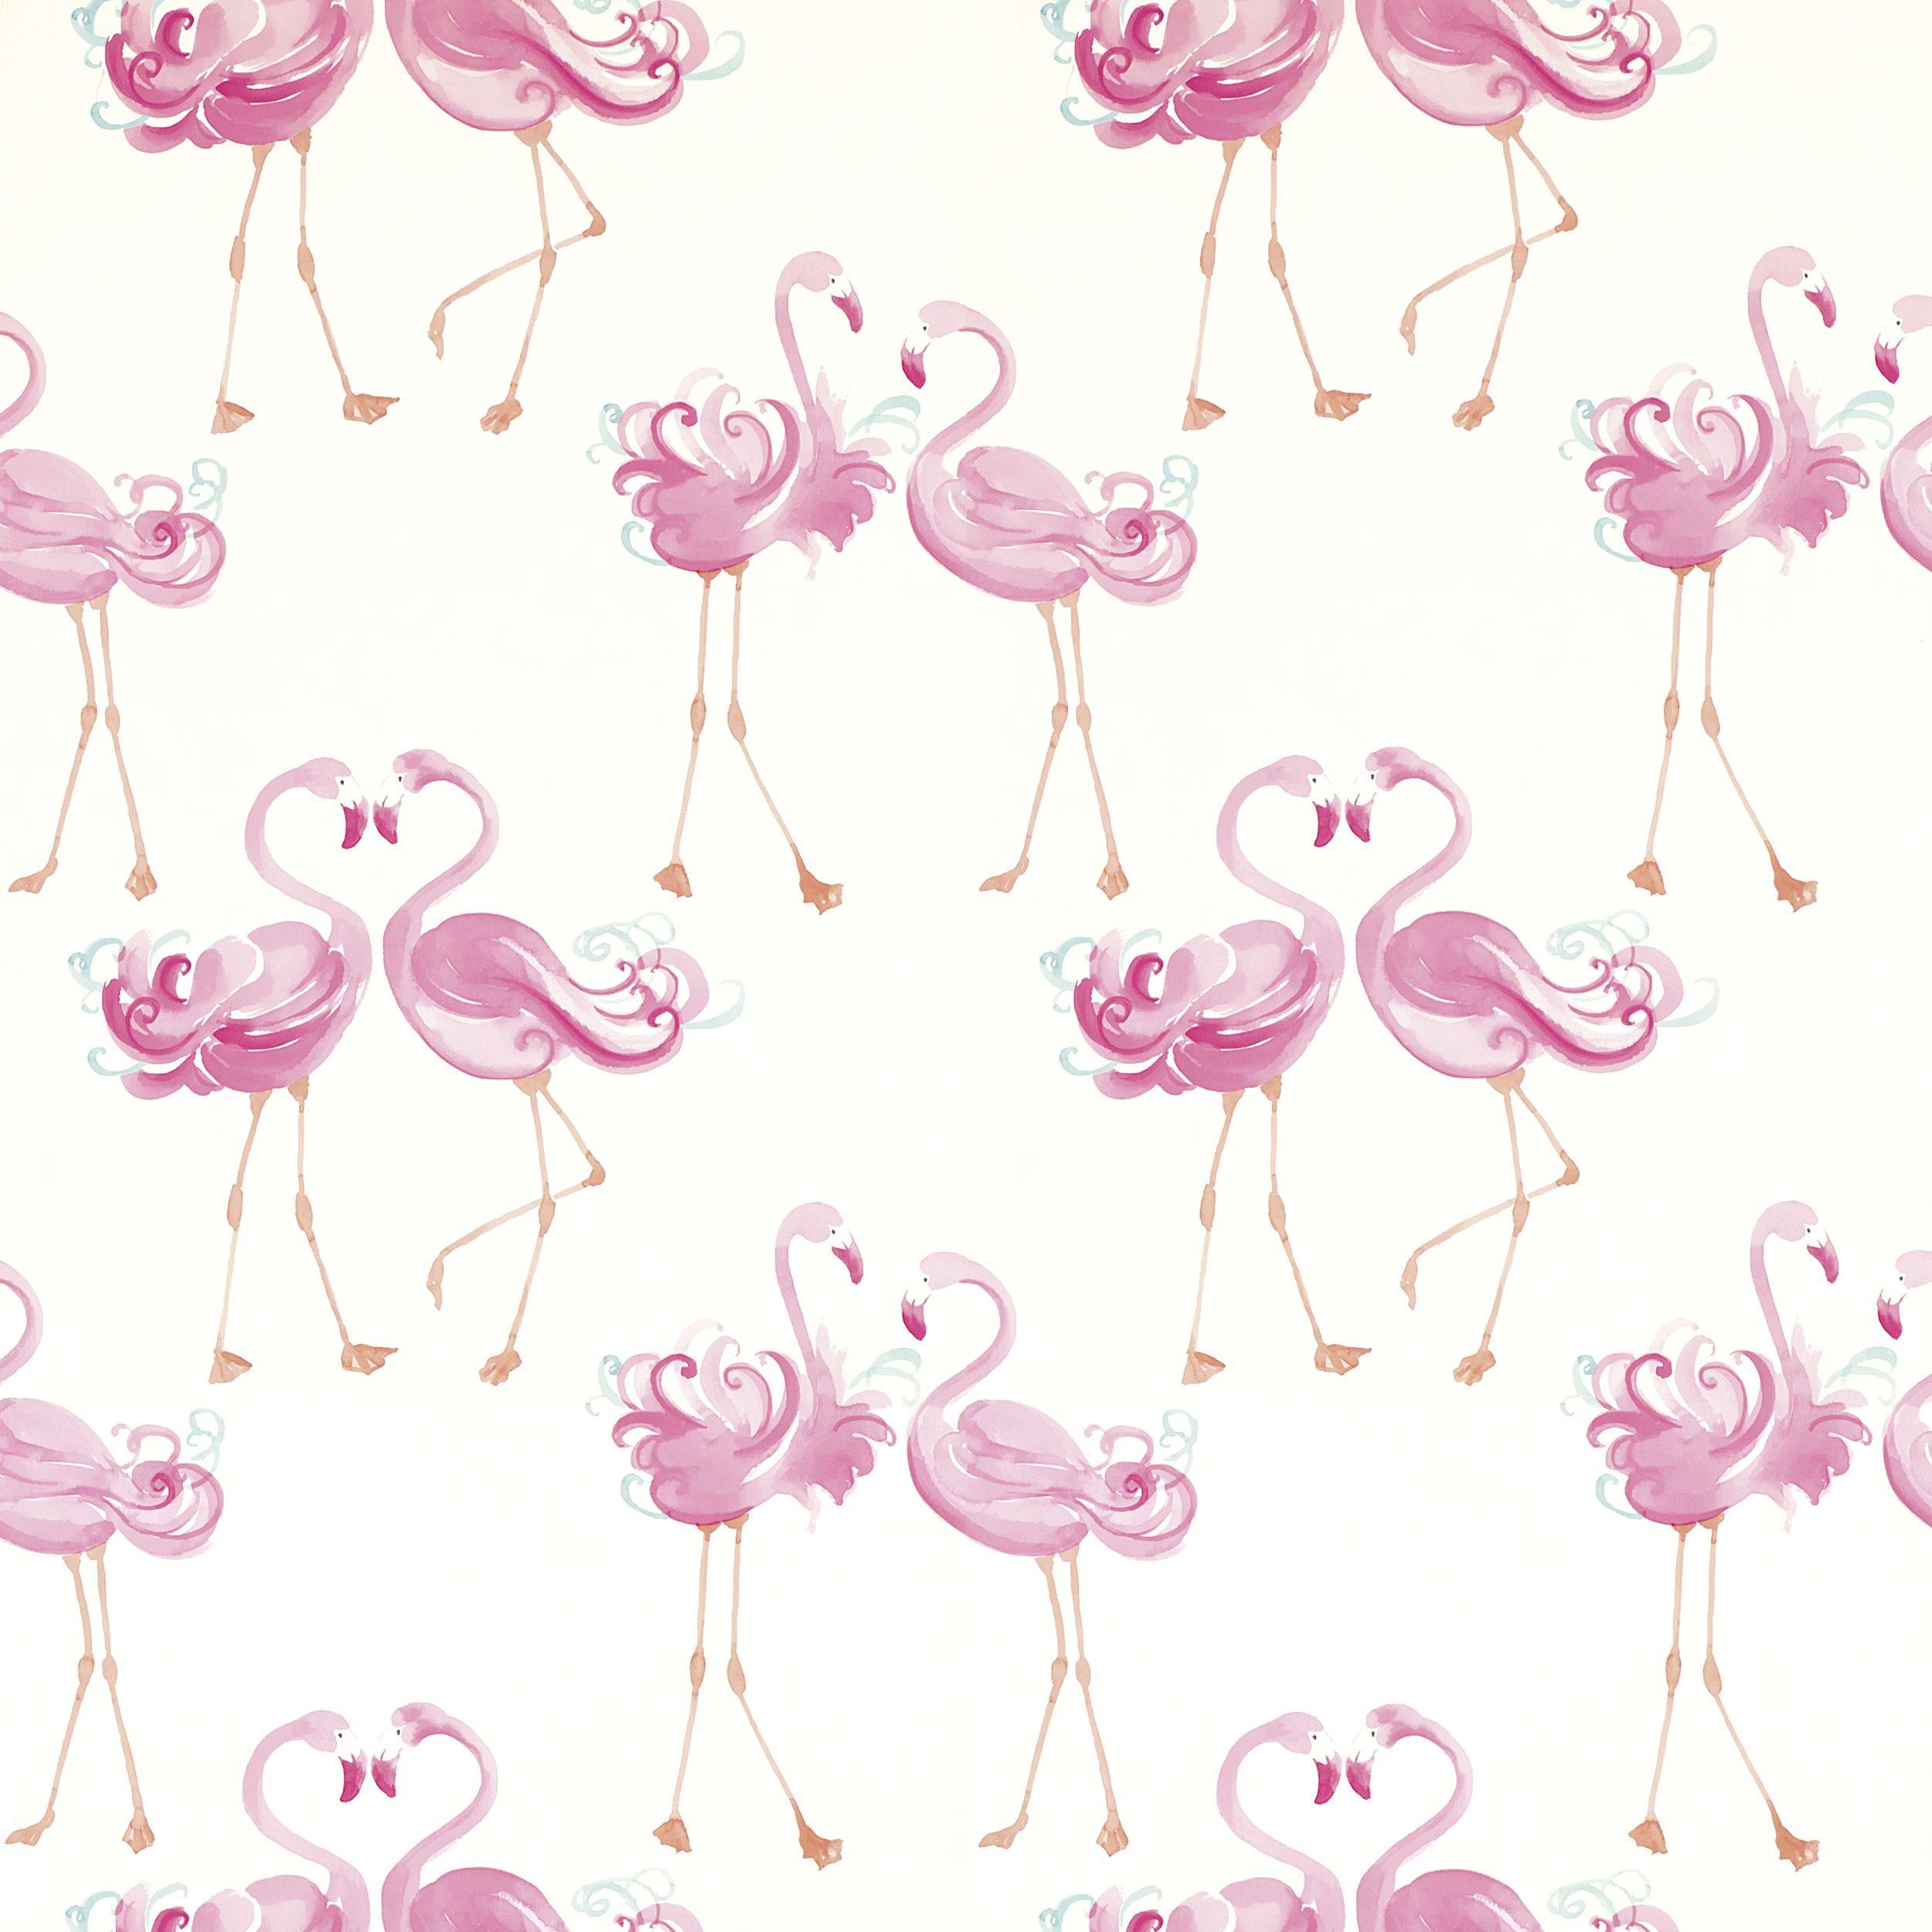 Die besten 25 pink wallpaper laura ashley ideen auf - Laminas decorativas para pared ...